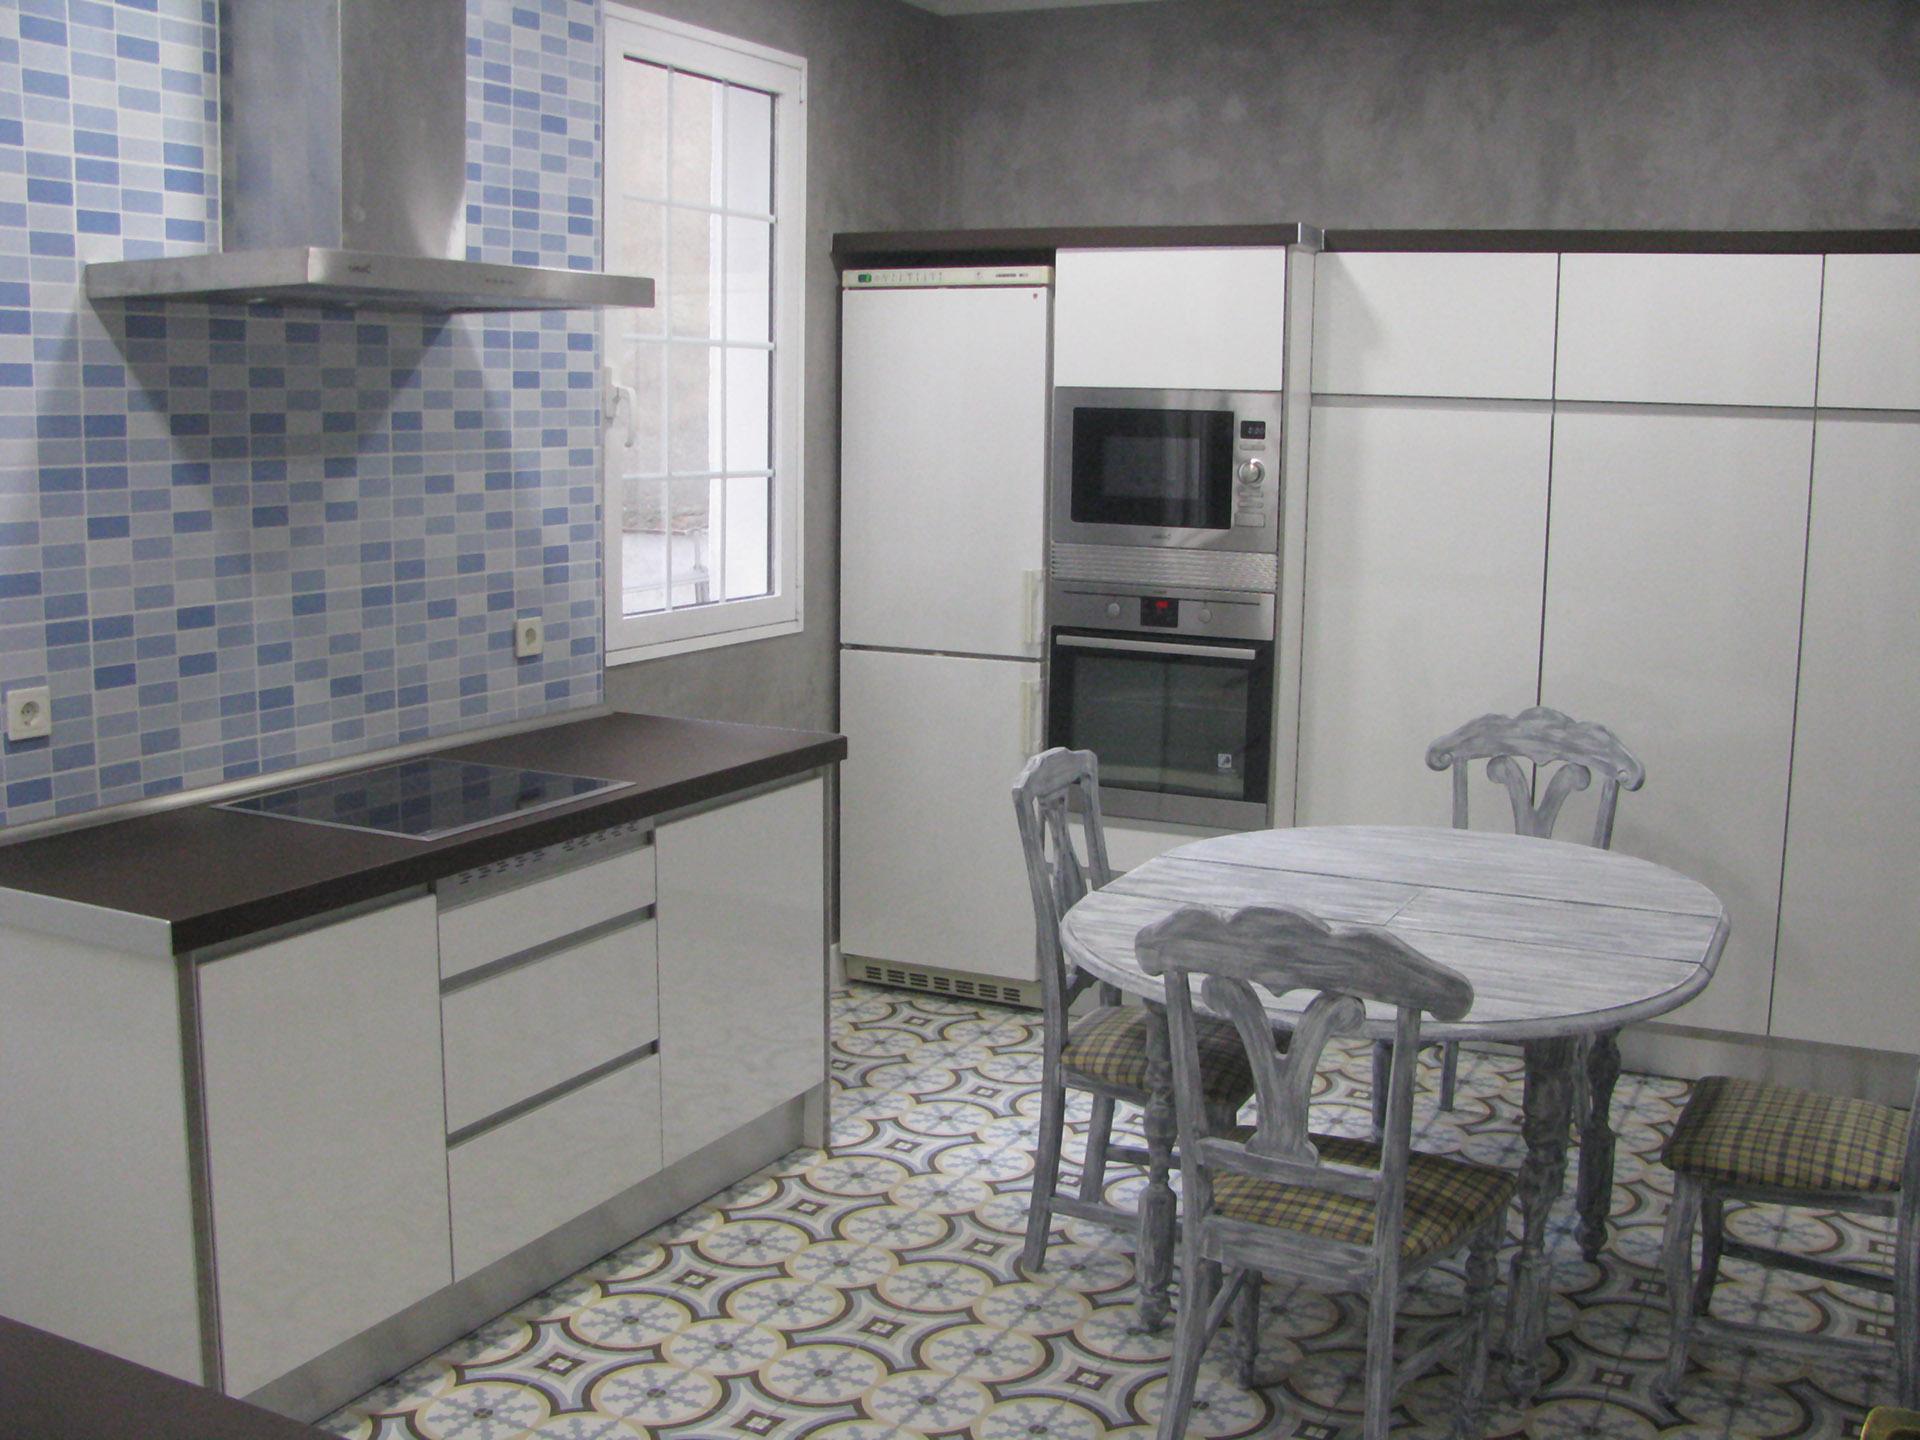 Cocina de estilo vintage en suelos y mesa